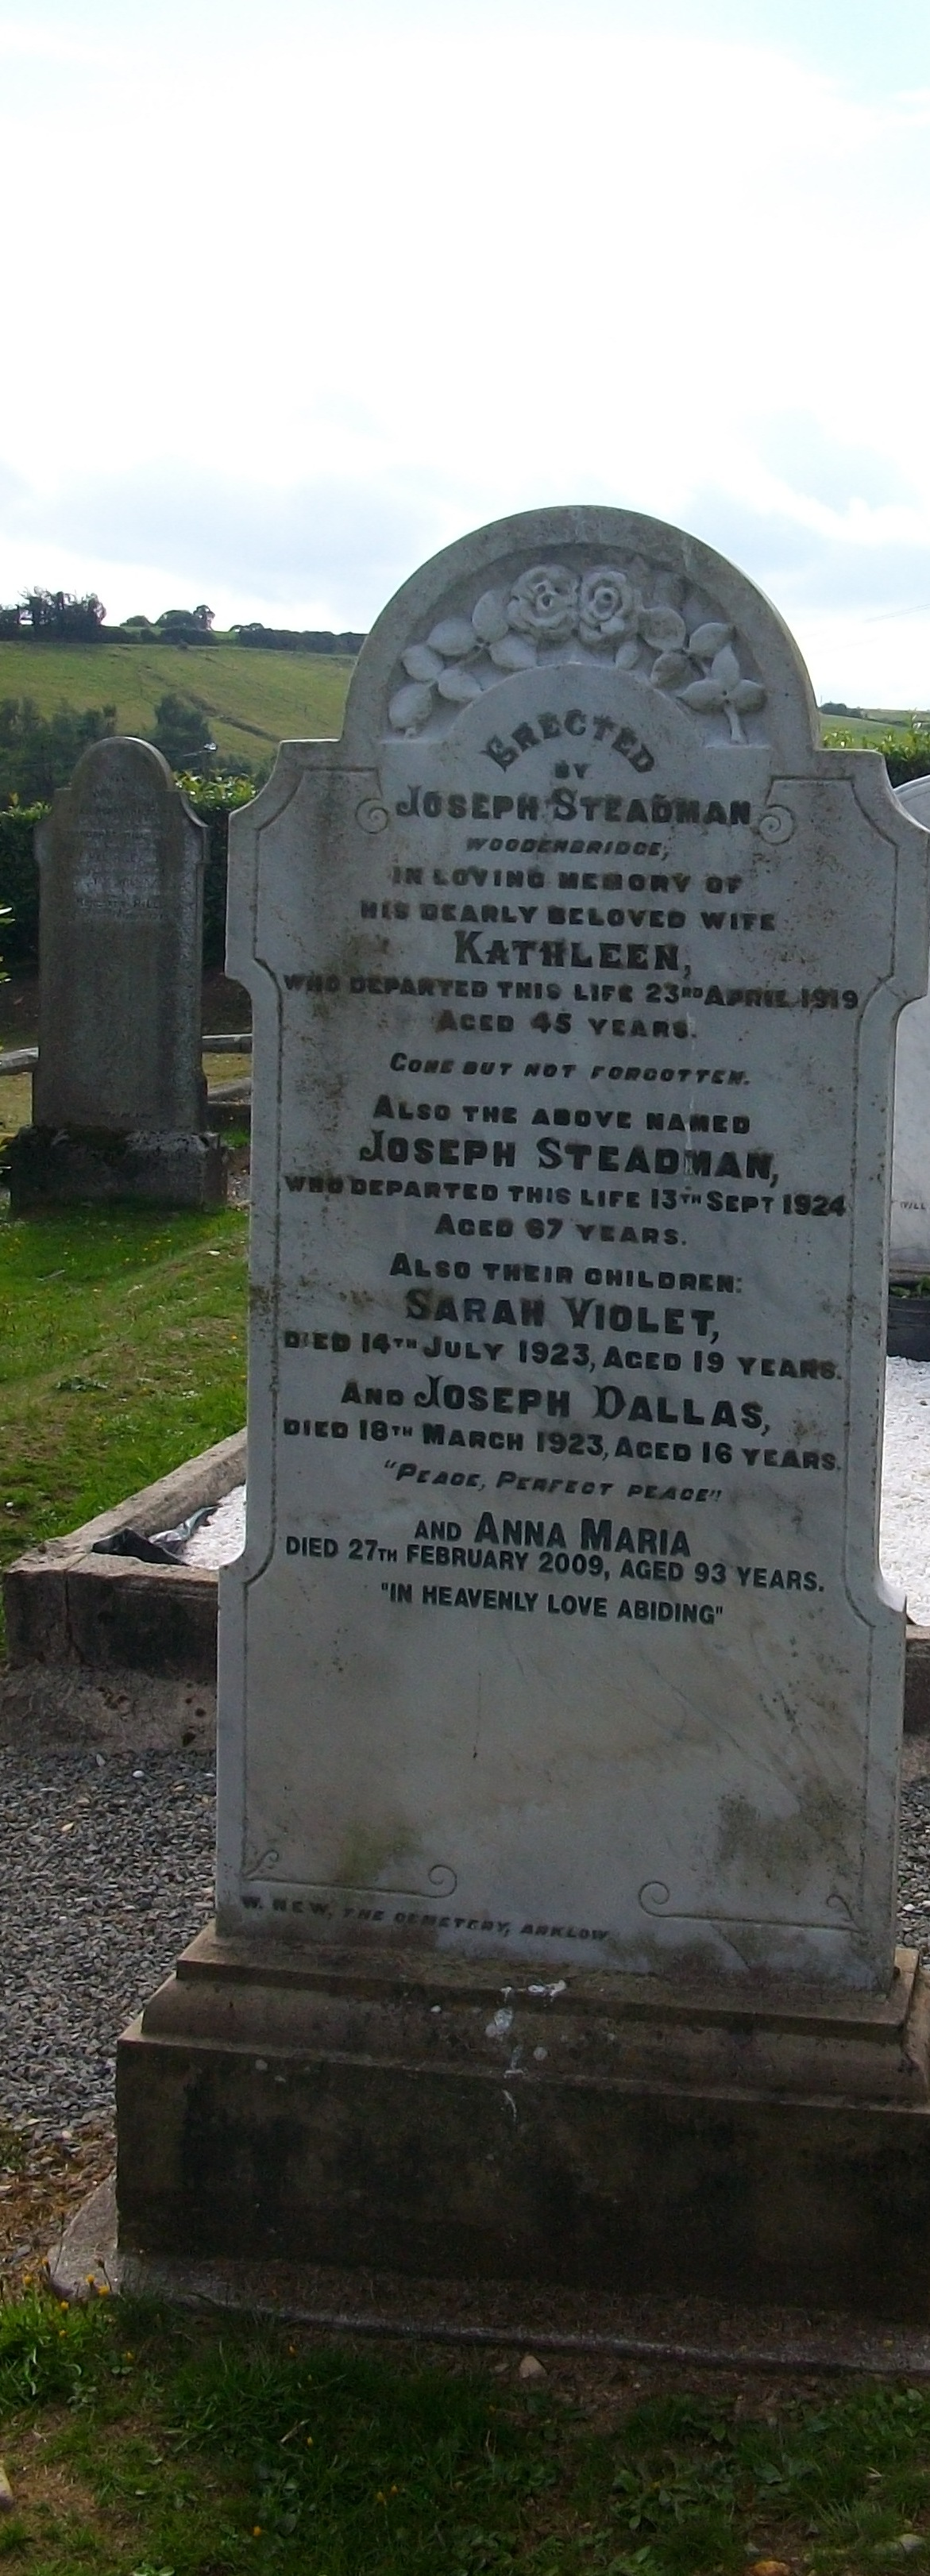 Joseph Stidman